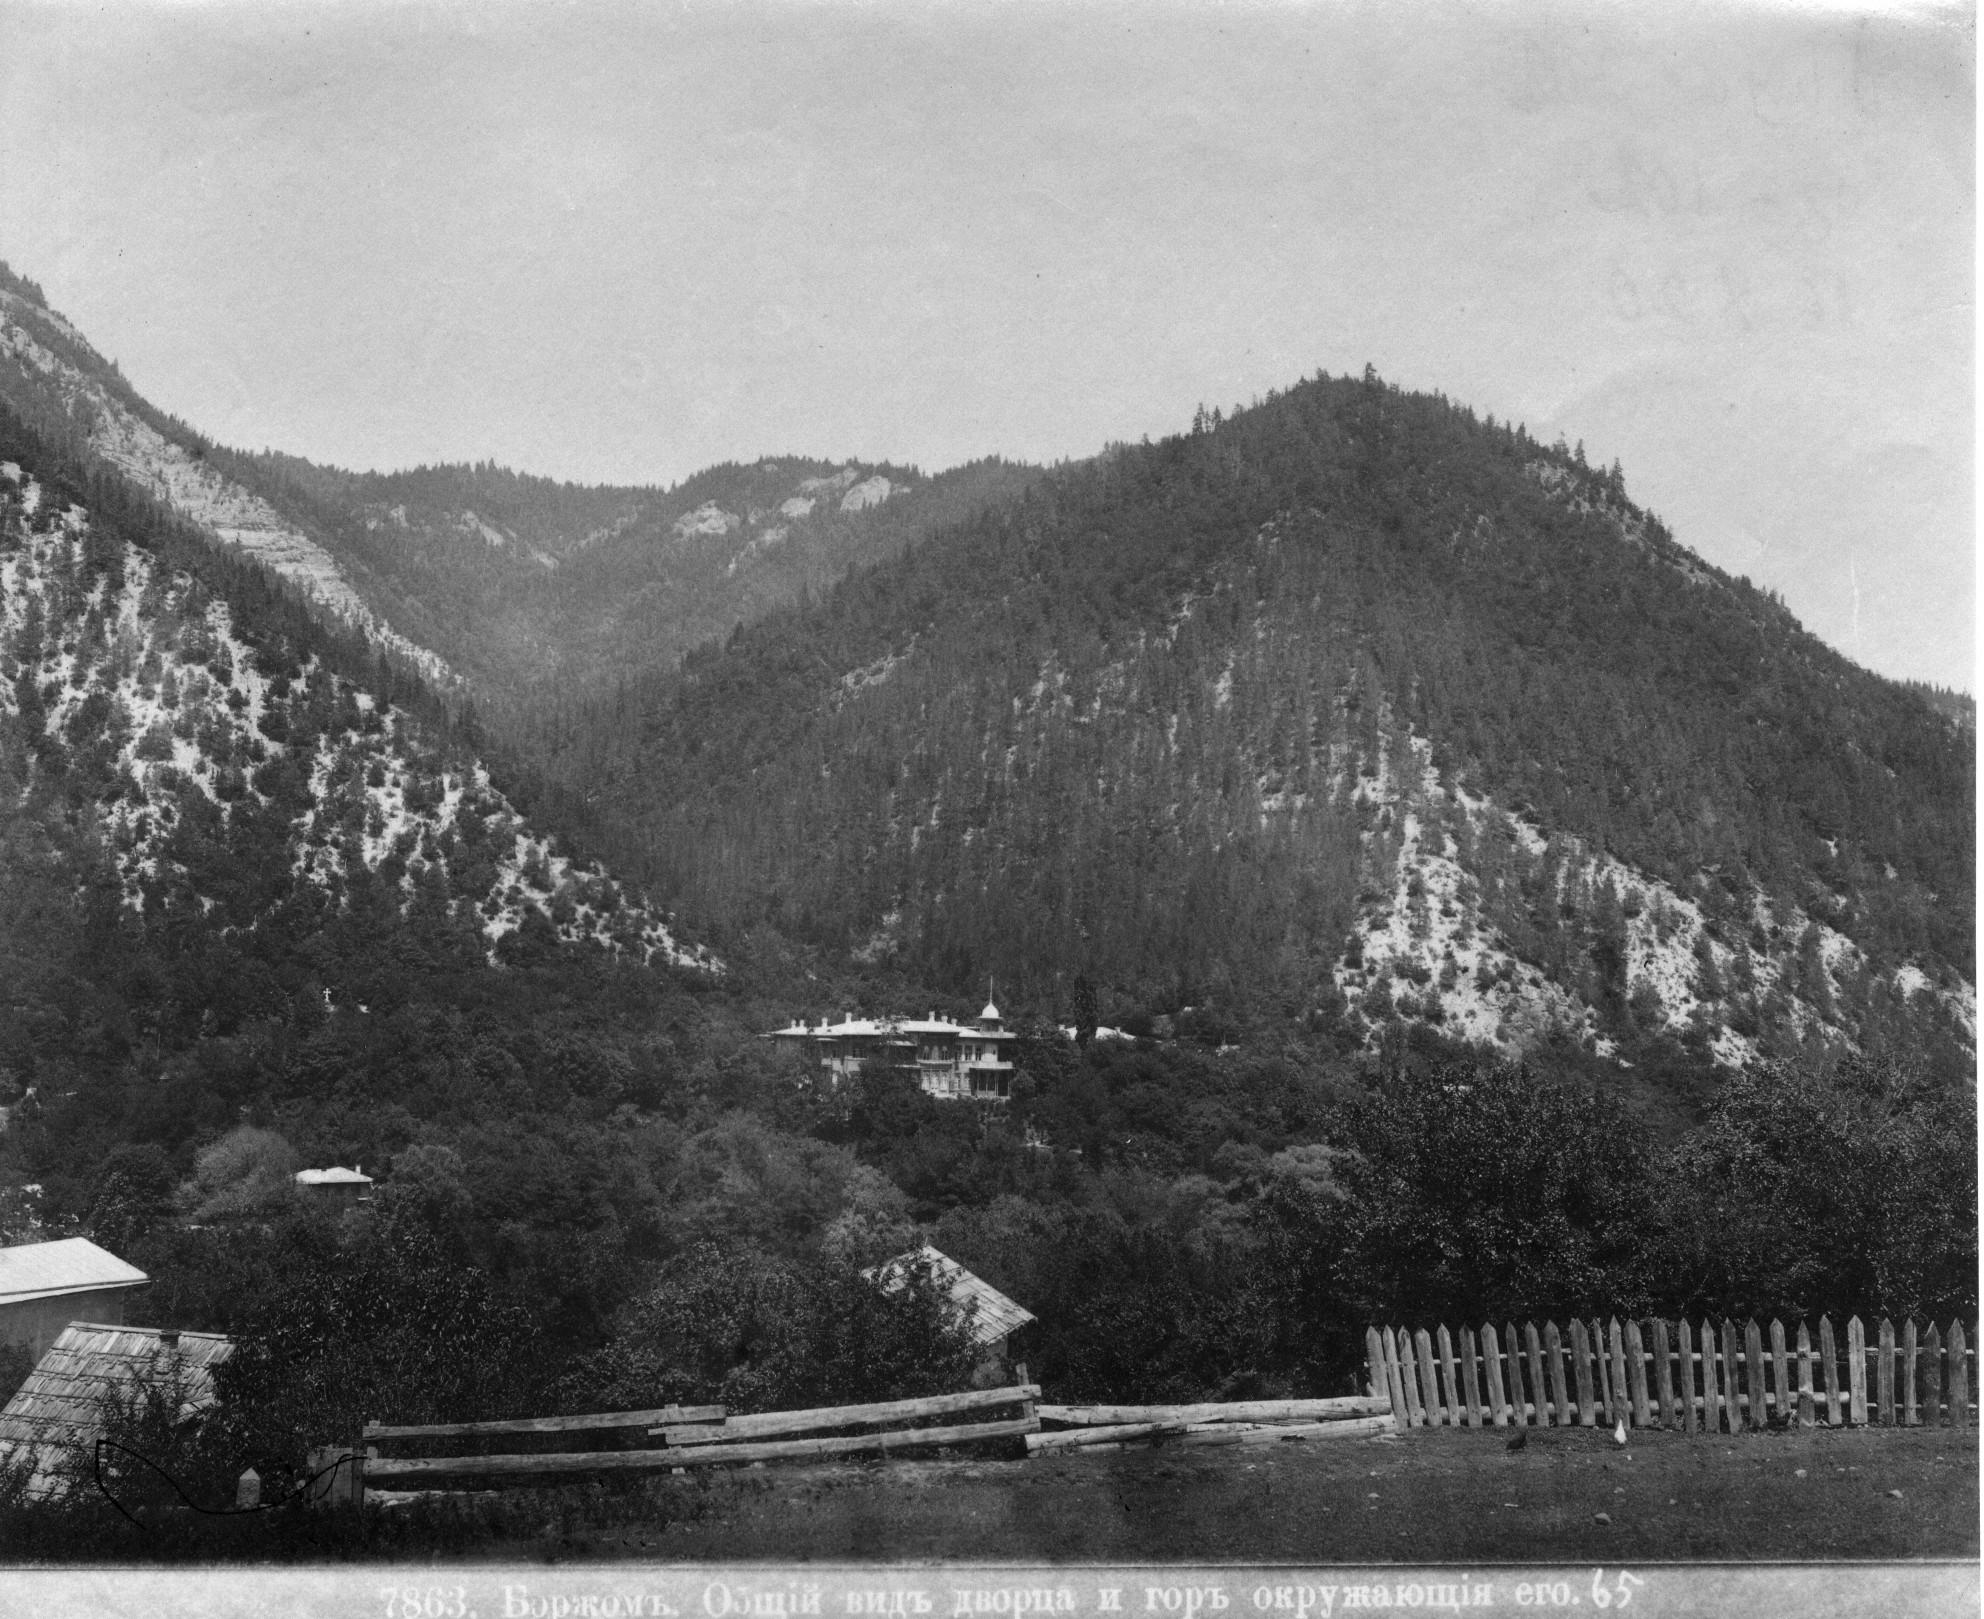 Общий вид дворца и гор, окружающих его